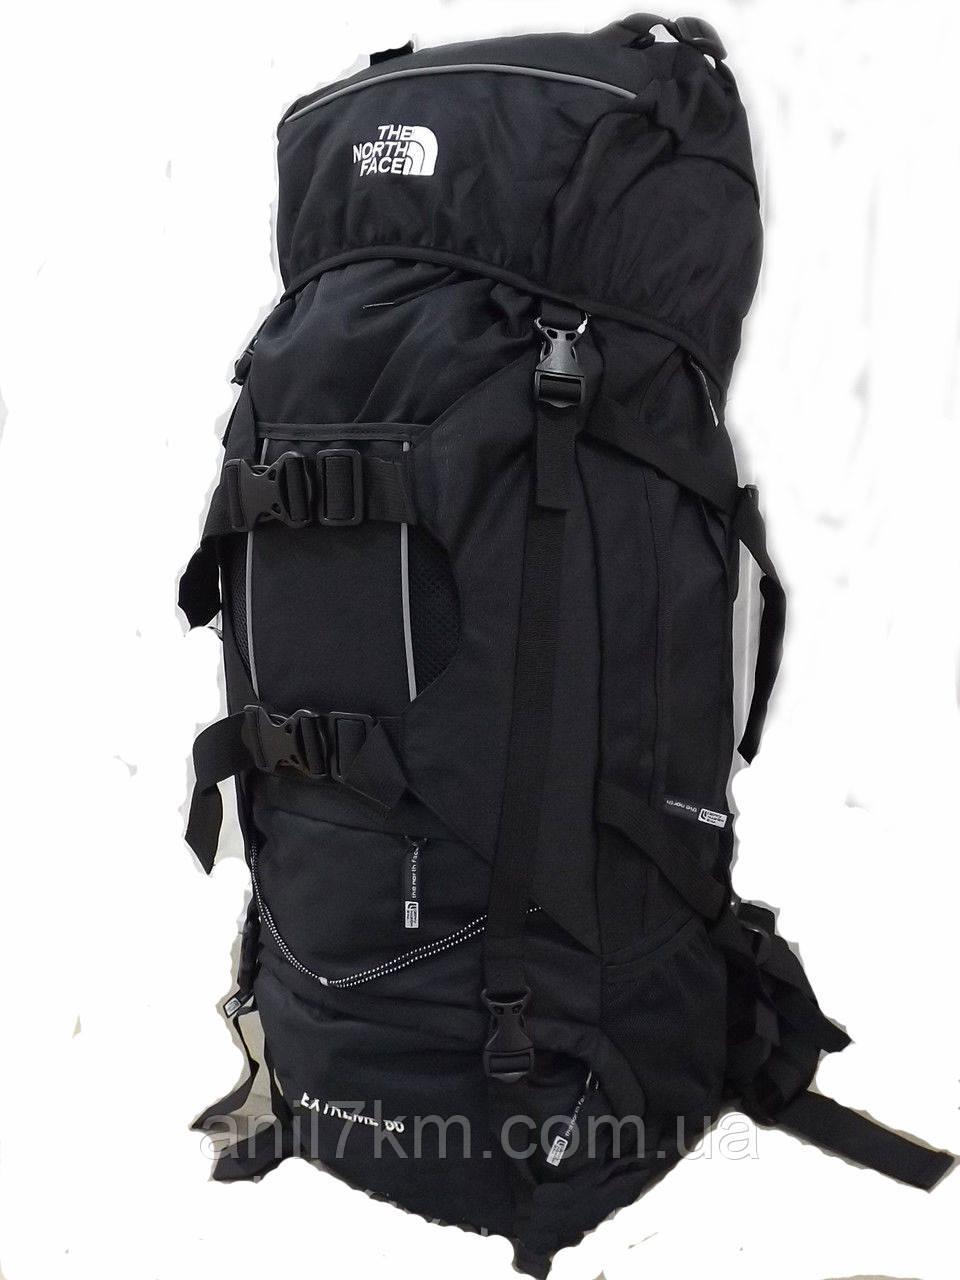 Туристичний рюкзак об'ємом 80л.фірми THE NORTH FACE